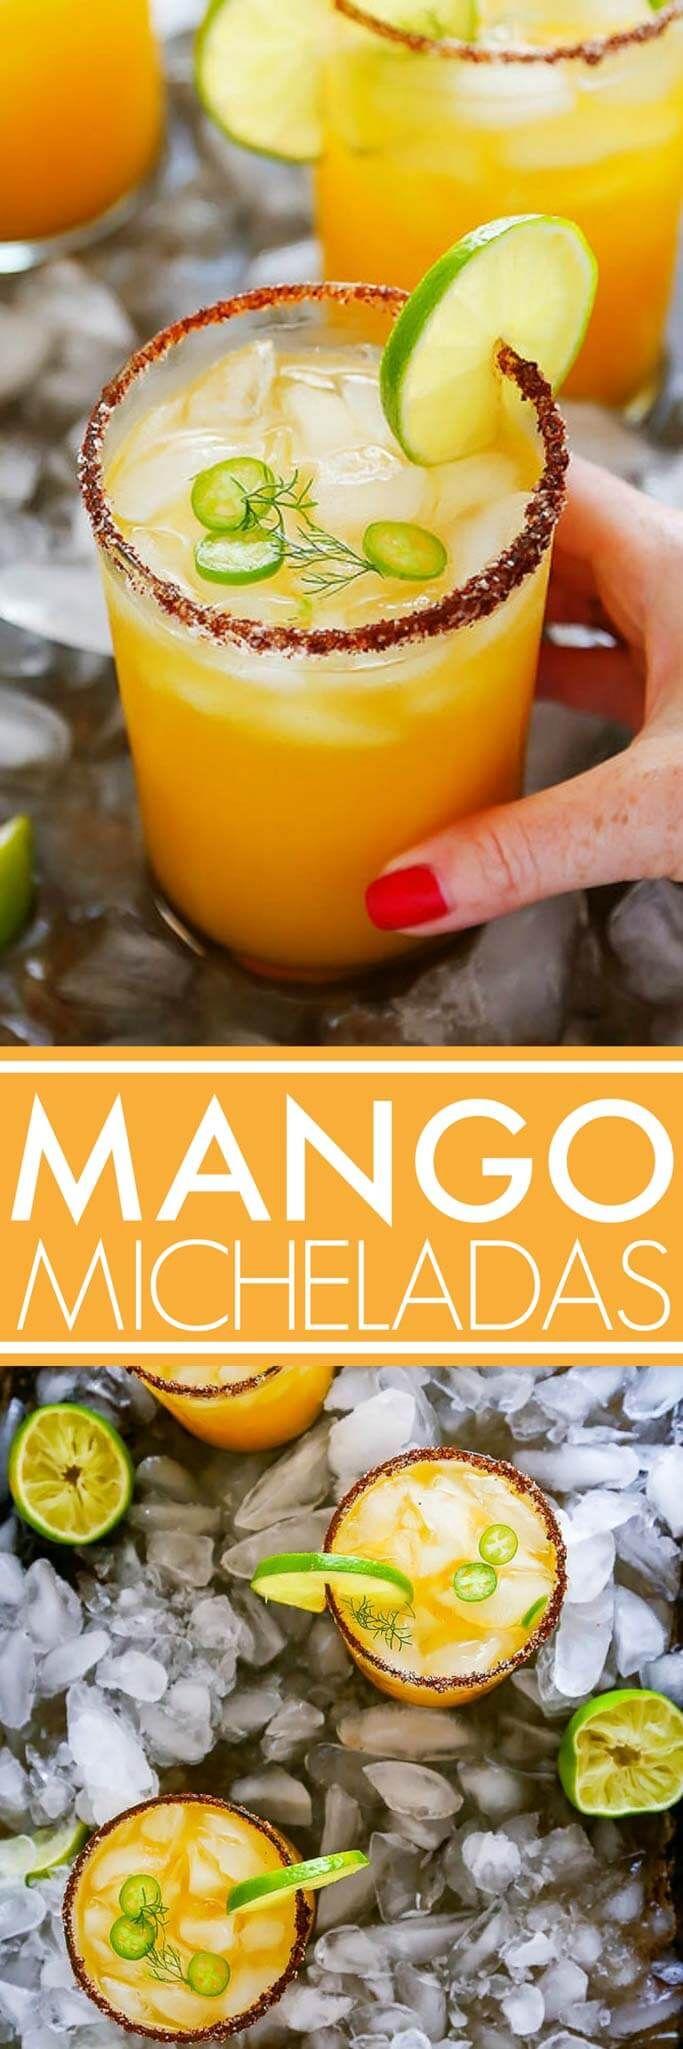 Prepara esta delicia , michelada de mango